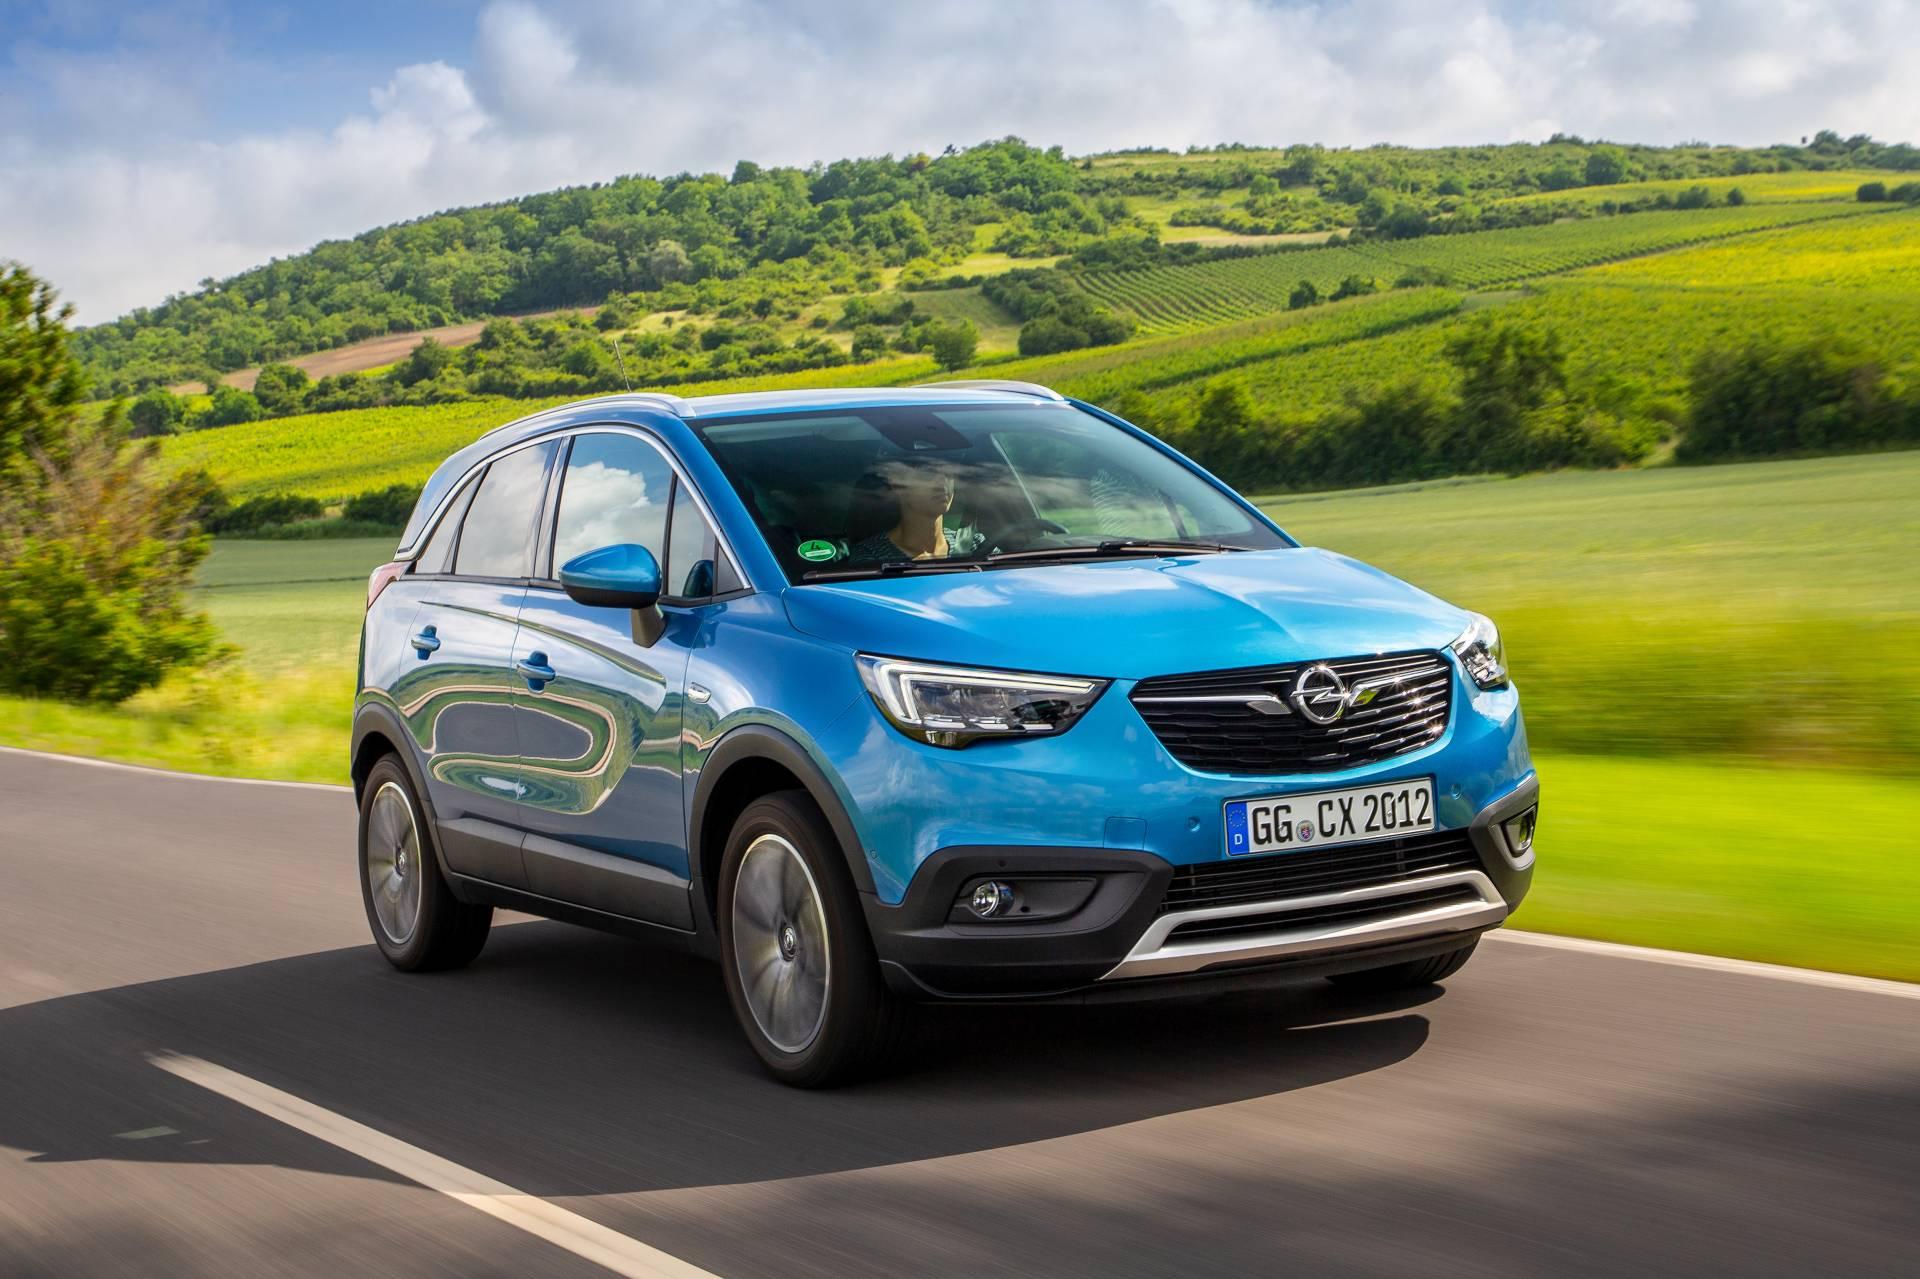 Opel Crossland X dobija šestostepeni automatski menjač